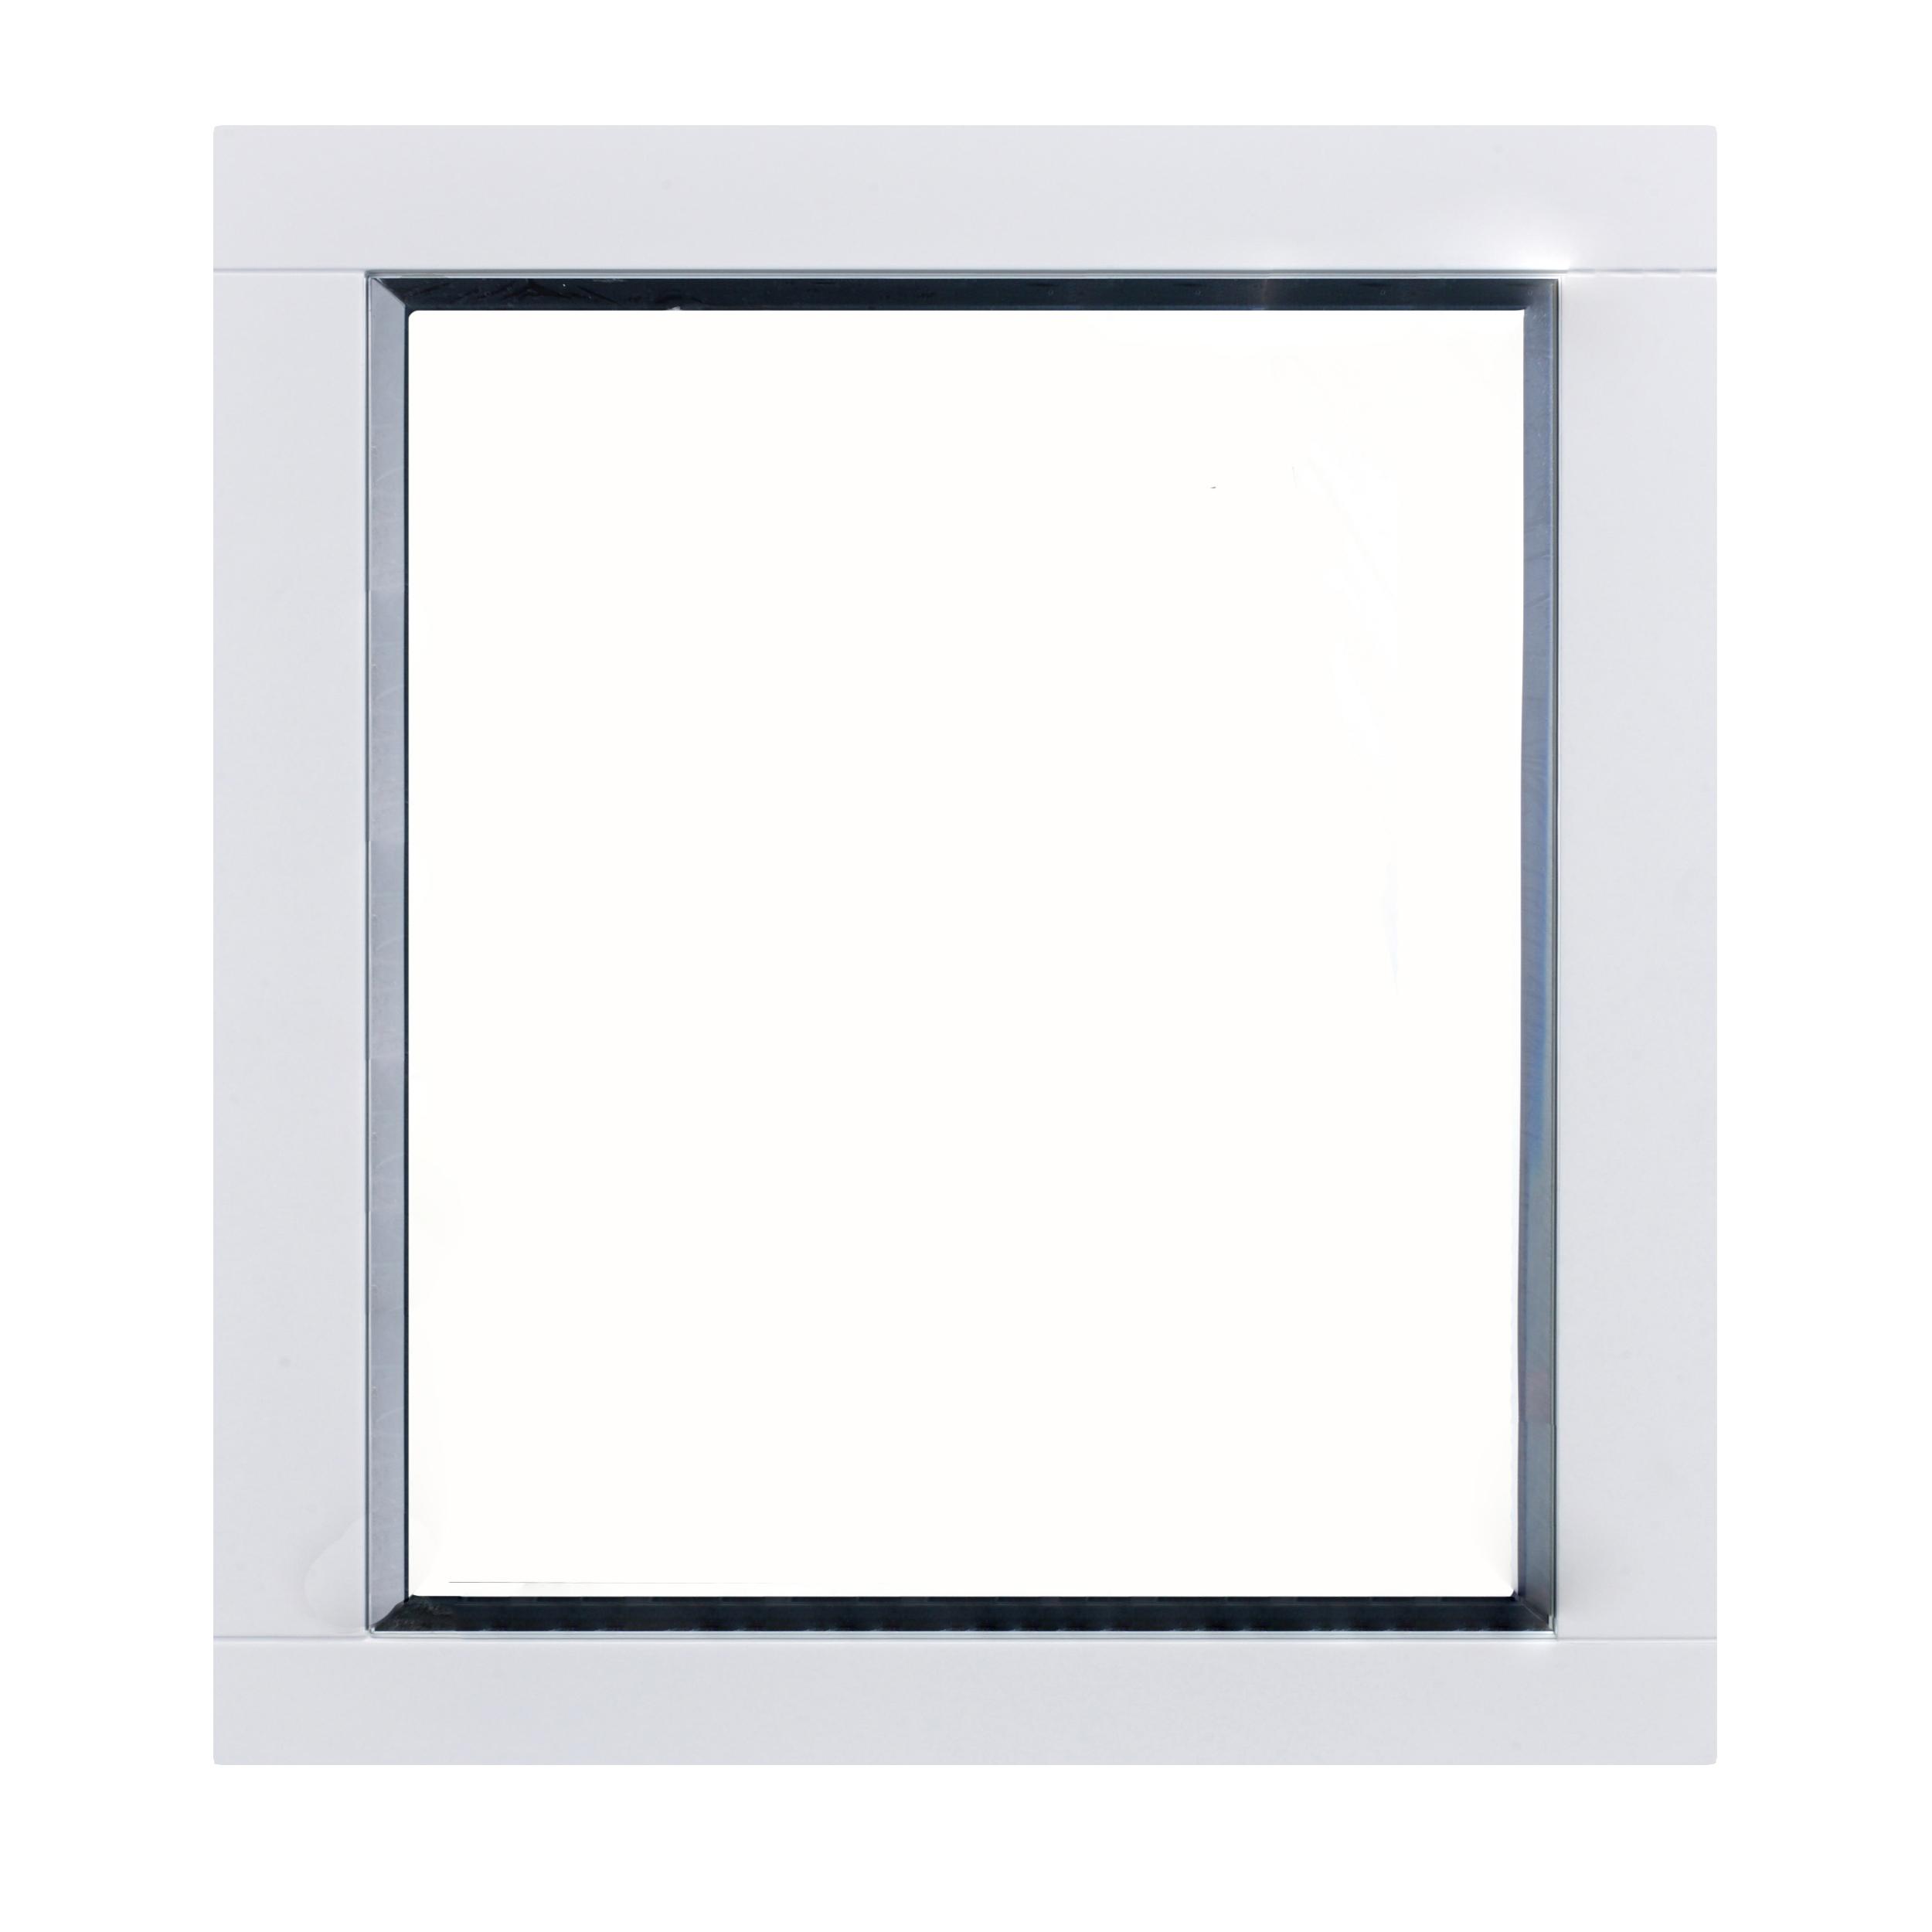 """EVMR412 36X30 WH A Main - Eviva Aberdeen 36"""" White Framed Bathroom Wall Mirror"""